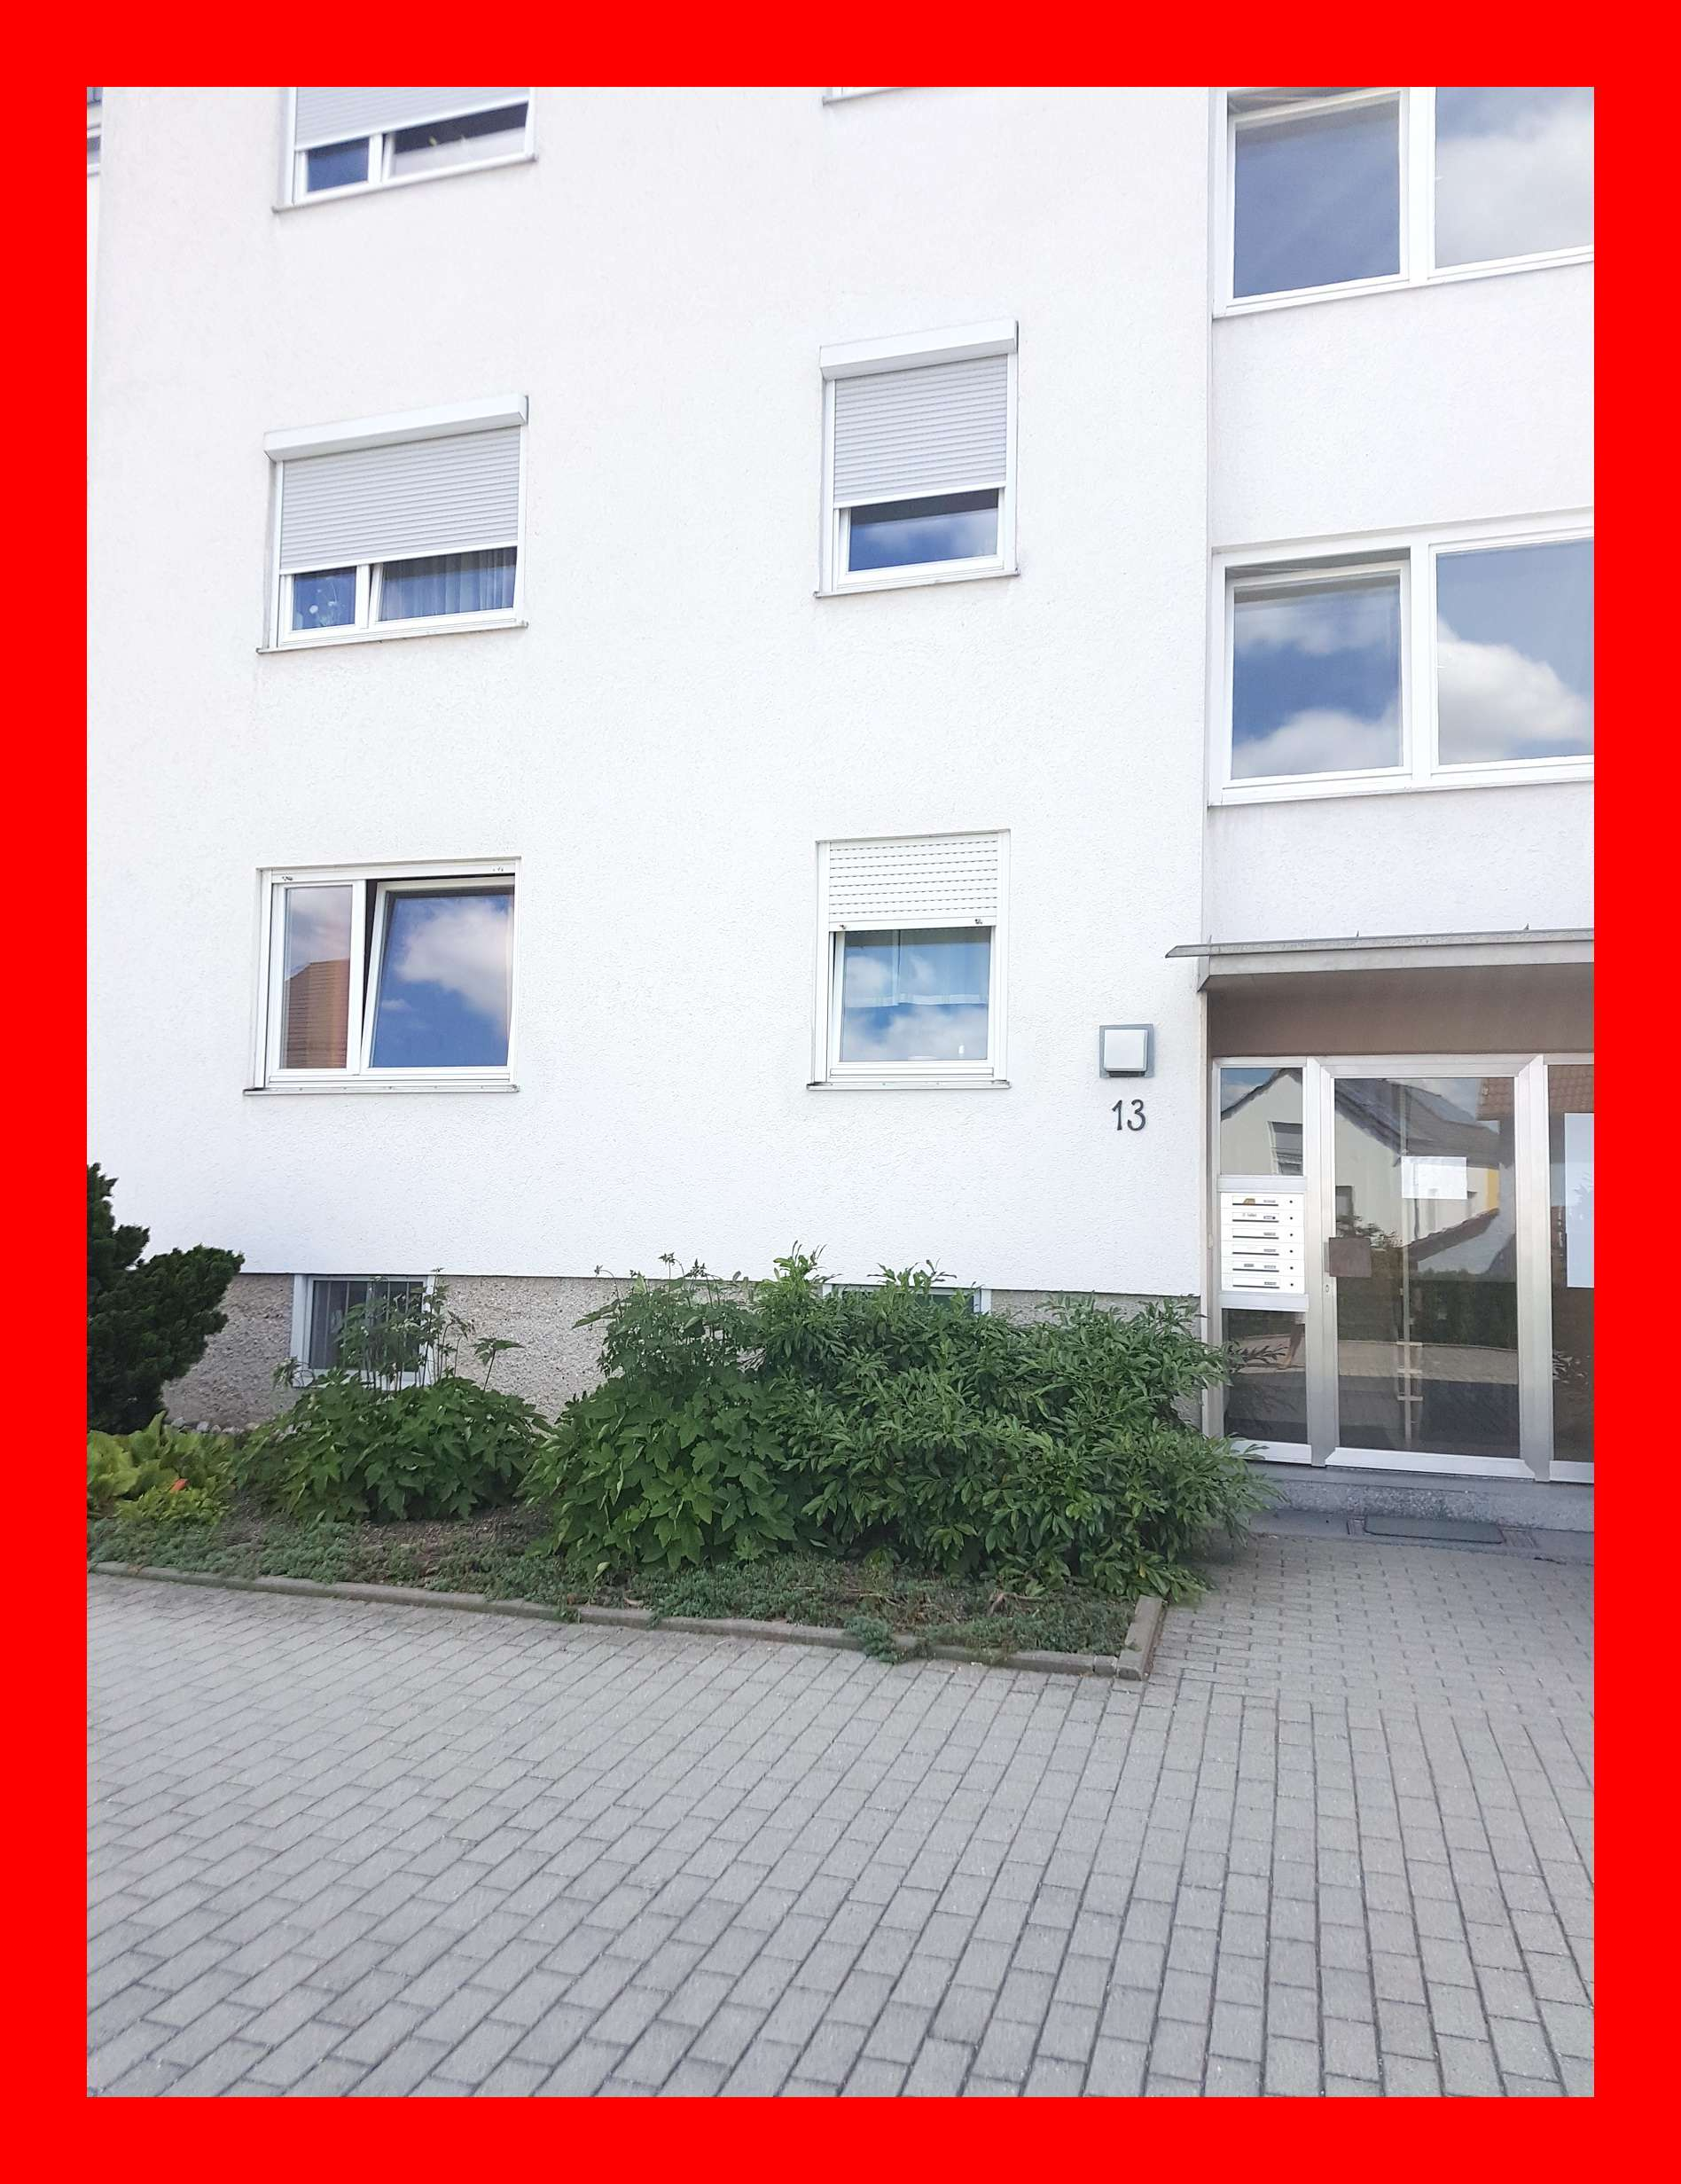 1-Zimmer-Mietwohnung in Regensburg-Ziegetsdorf in Kumpfmühl-Ziegetsdorf-Neuprüll (Regensburg)